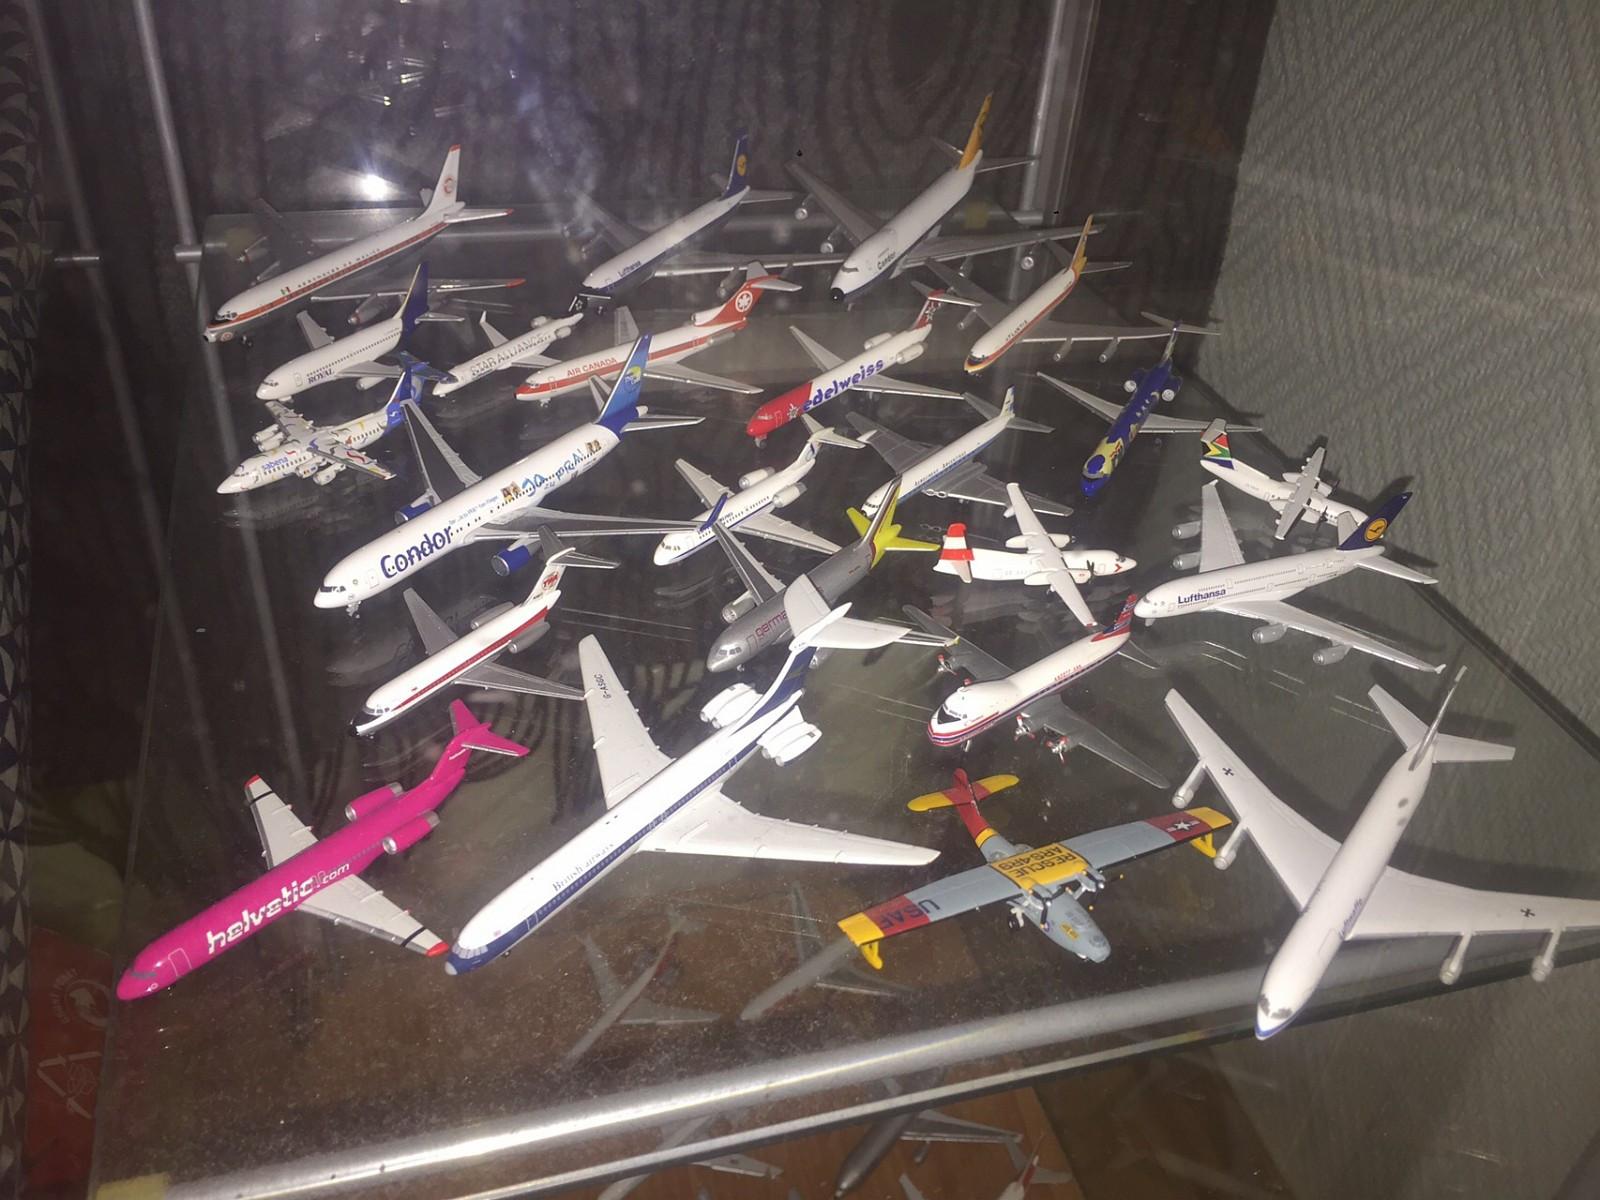 Flymodeller i metall 1/400 og 1/500 - Nesoddtangen  - Selger ca 30stk detaljerte flymodeller i metall i størrelsen 1/400 og 1/500. Jeg har orginal eske til alle modellene og de er i merkene herpa, gemini og inflight500.   Flymodellene selges samlet og delvis hvis kjøper kun ønsker noen spe - Nesoddtangen